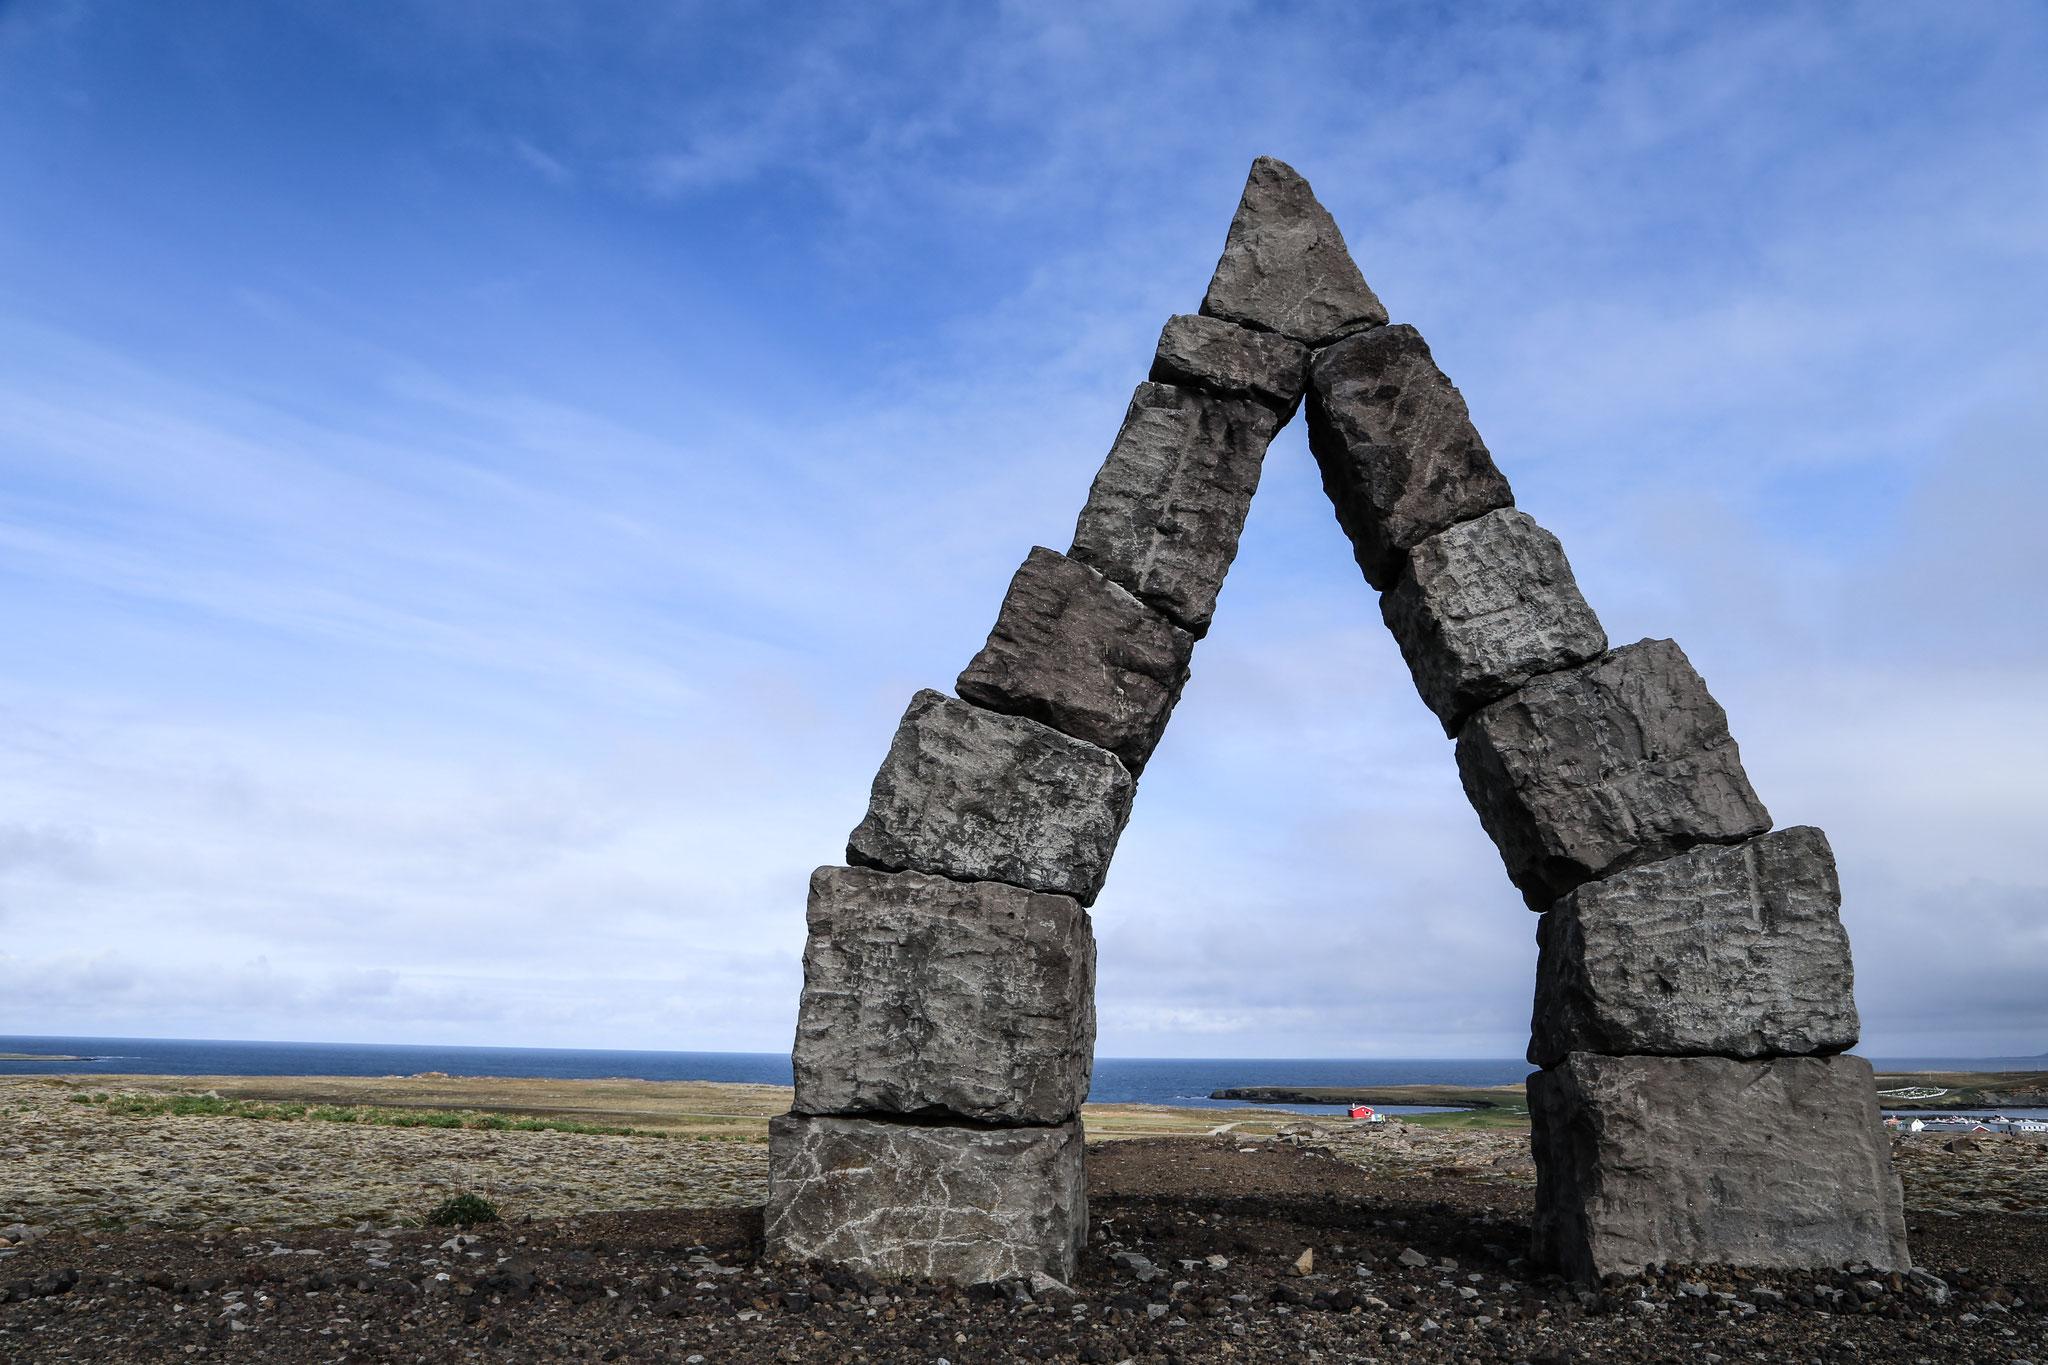 """Erinnert an die Zwerge Austri, Vestri, Nordri und Sudri (im Eddagedicht """"Völuspá""""), die das Himmelsgewölbe hochhalten."""